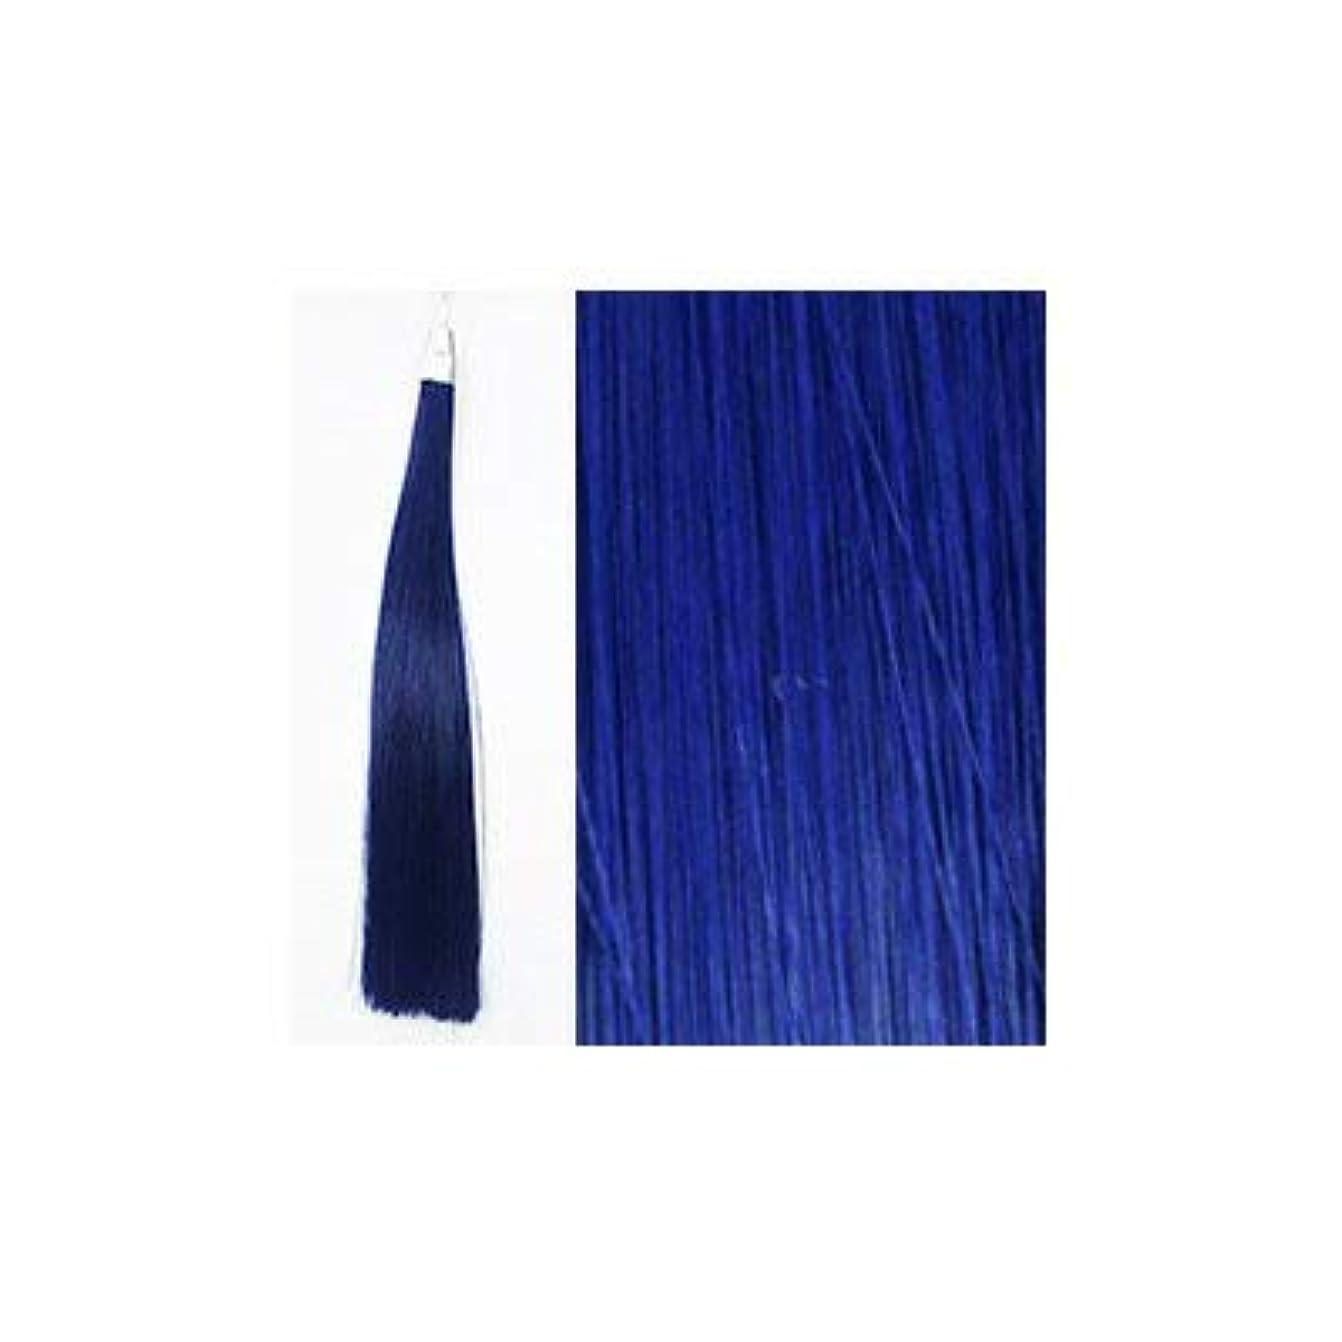 パドル怠感気体のカミエク ヘアーエクステンション ブルー 4本毛